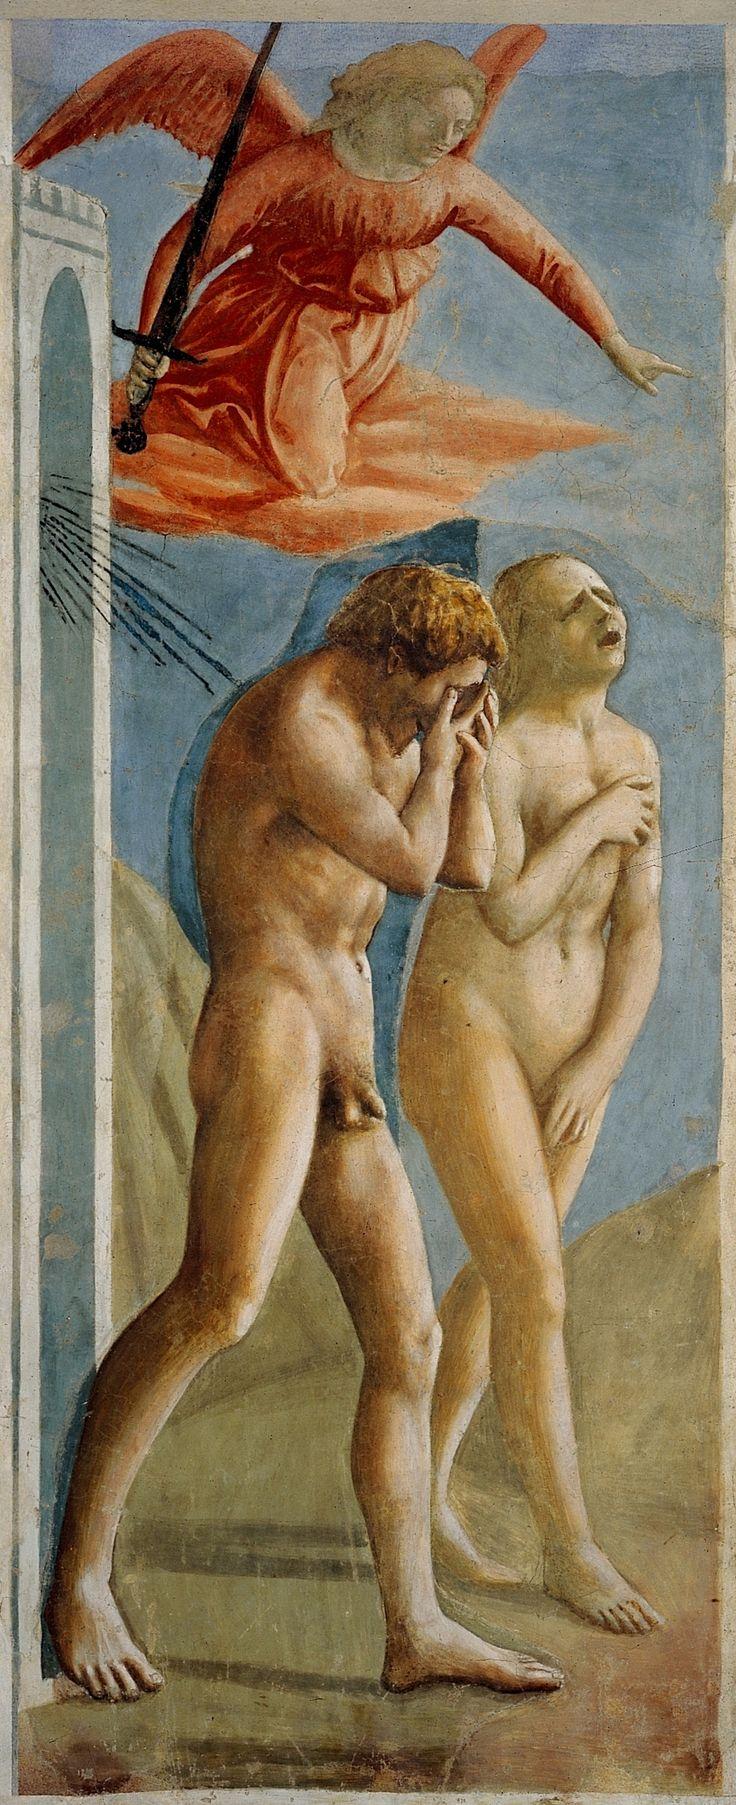 """"""" De golpe comprendo mejor el espantoso gesto del Adán de Masaccio. Se cubre el rostro para proteger su visión, lo que fue suyo;guarda en esa pequeña noche manual el Último paisaje de su paraíso. """" Masaccio."""